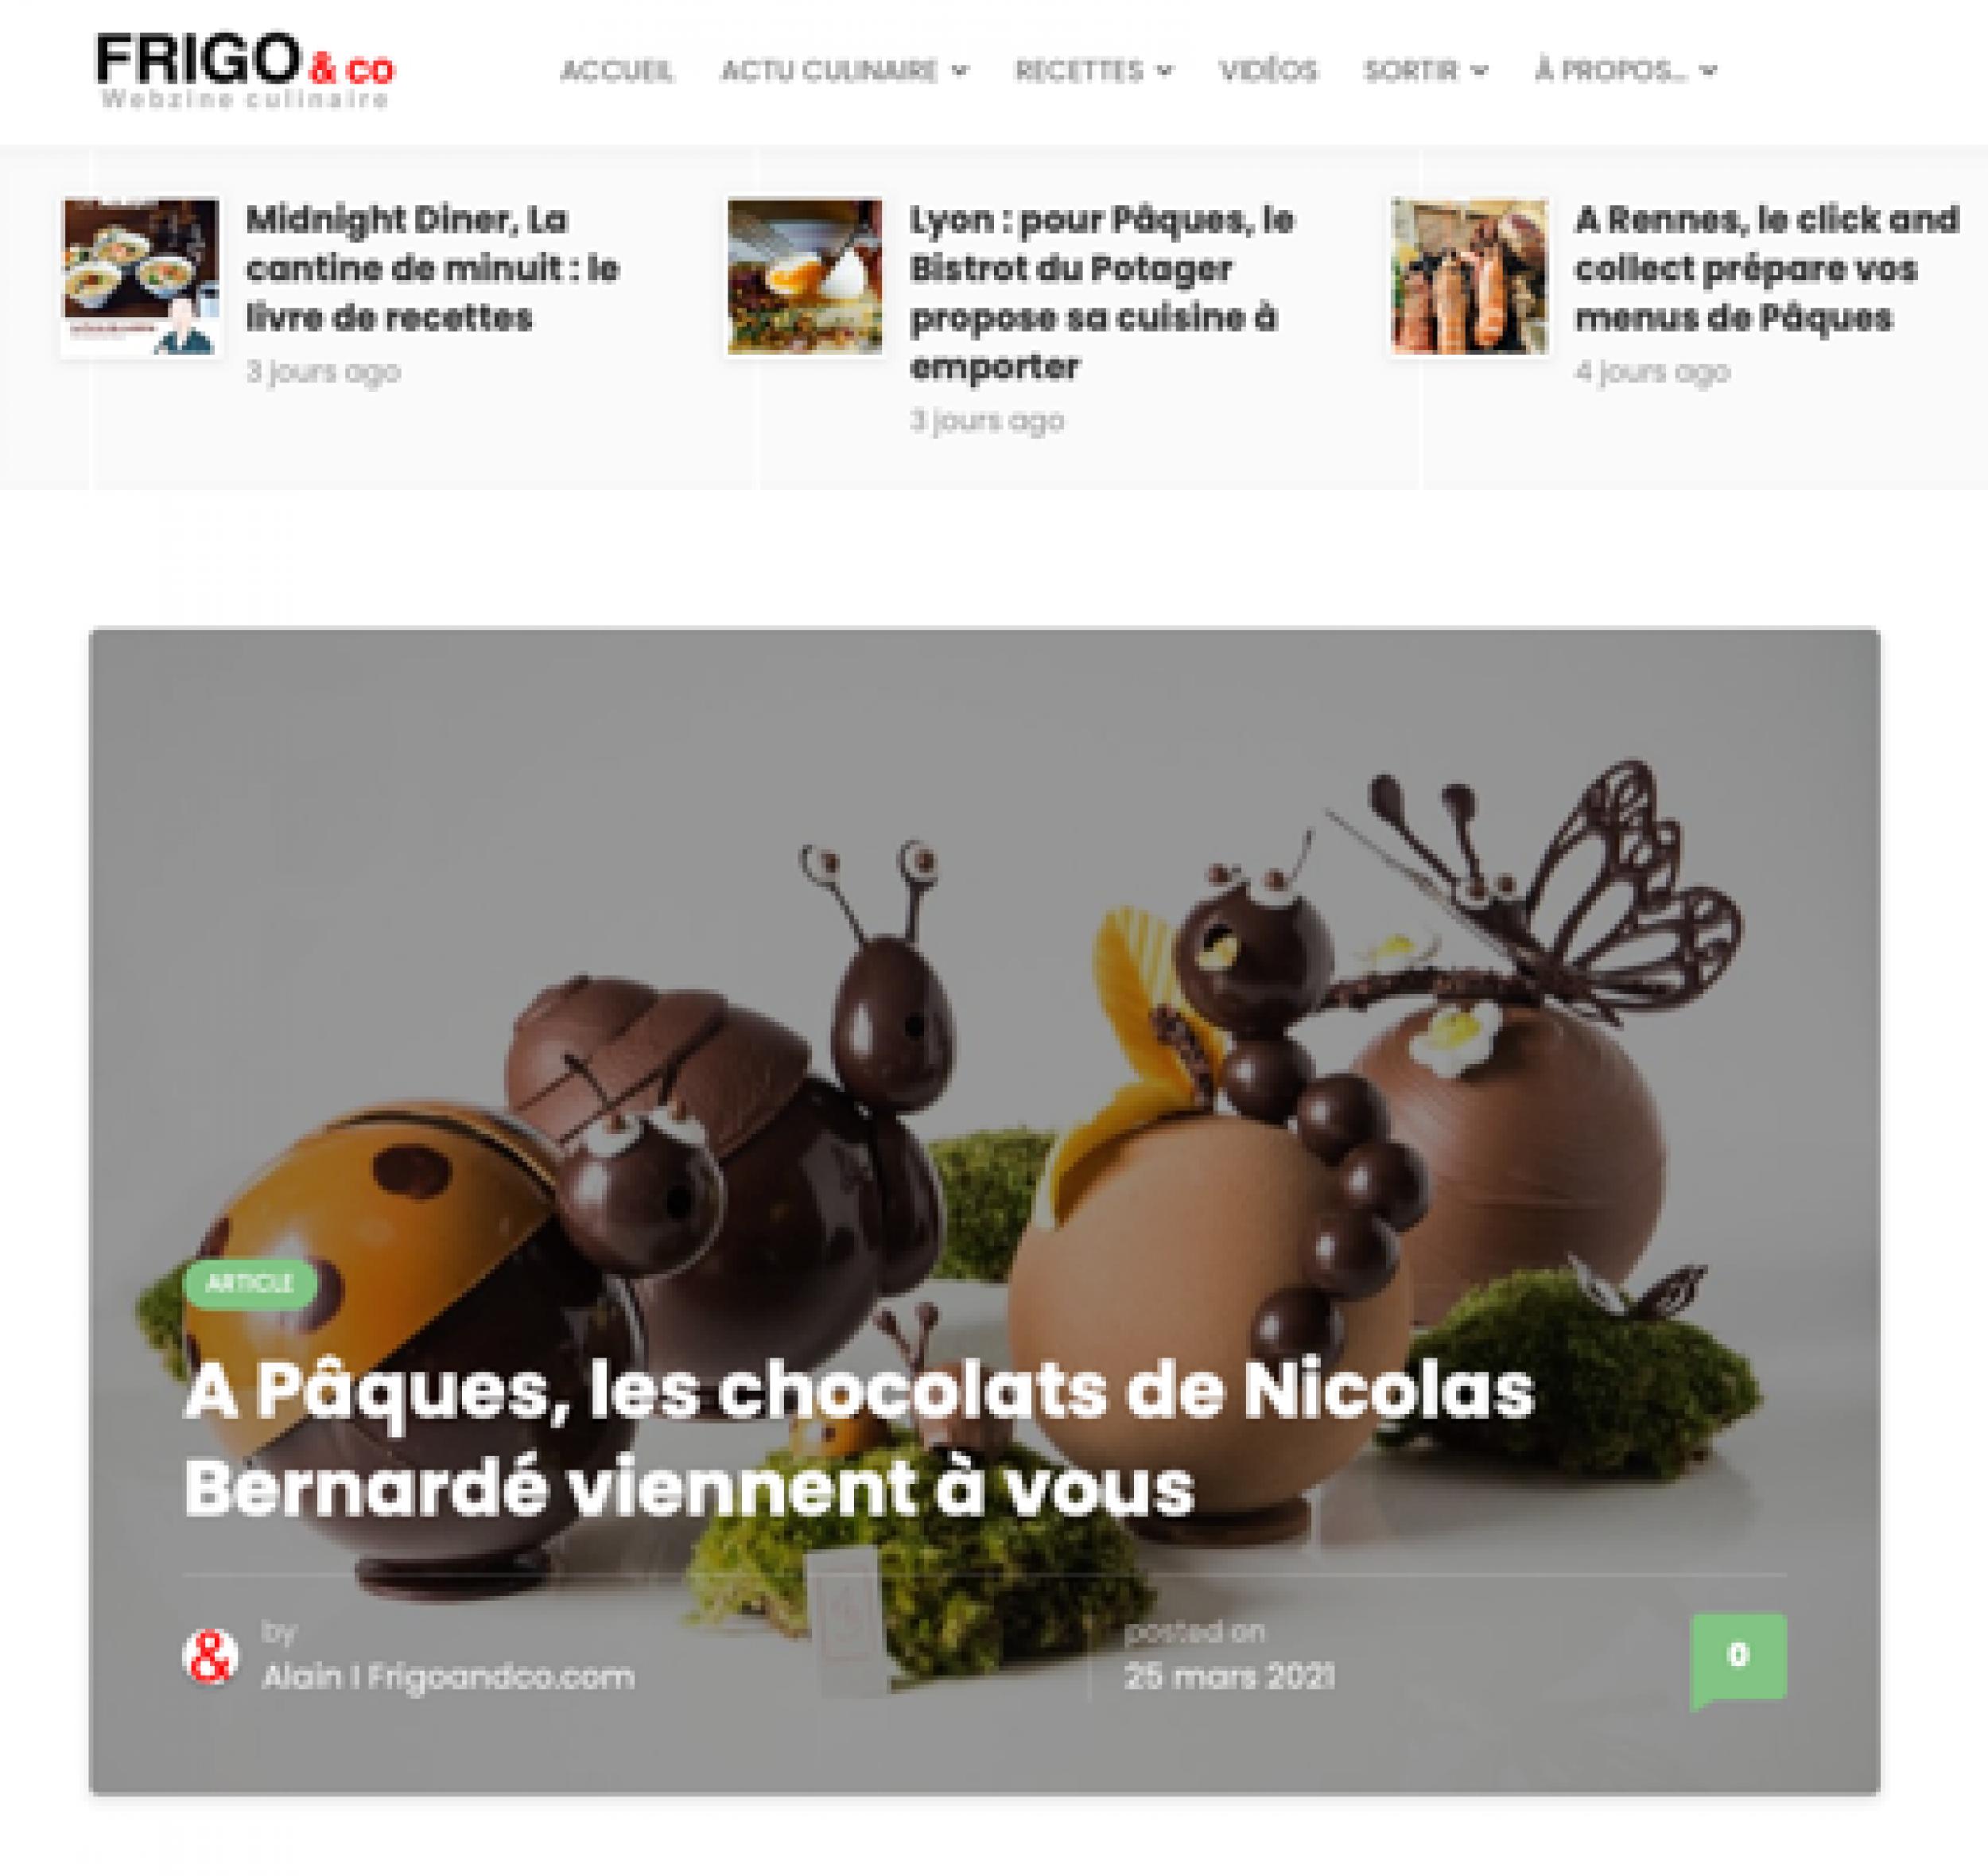 A Pâques, les chocolats de Nicolas Bernardé viennent à vous - Frigoandco.com